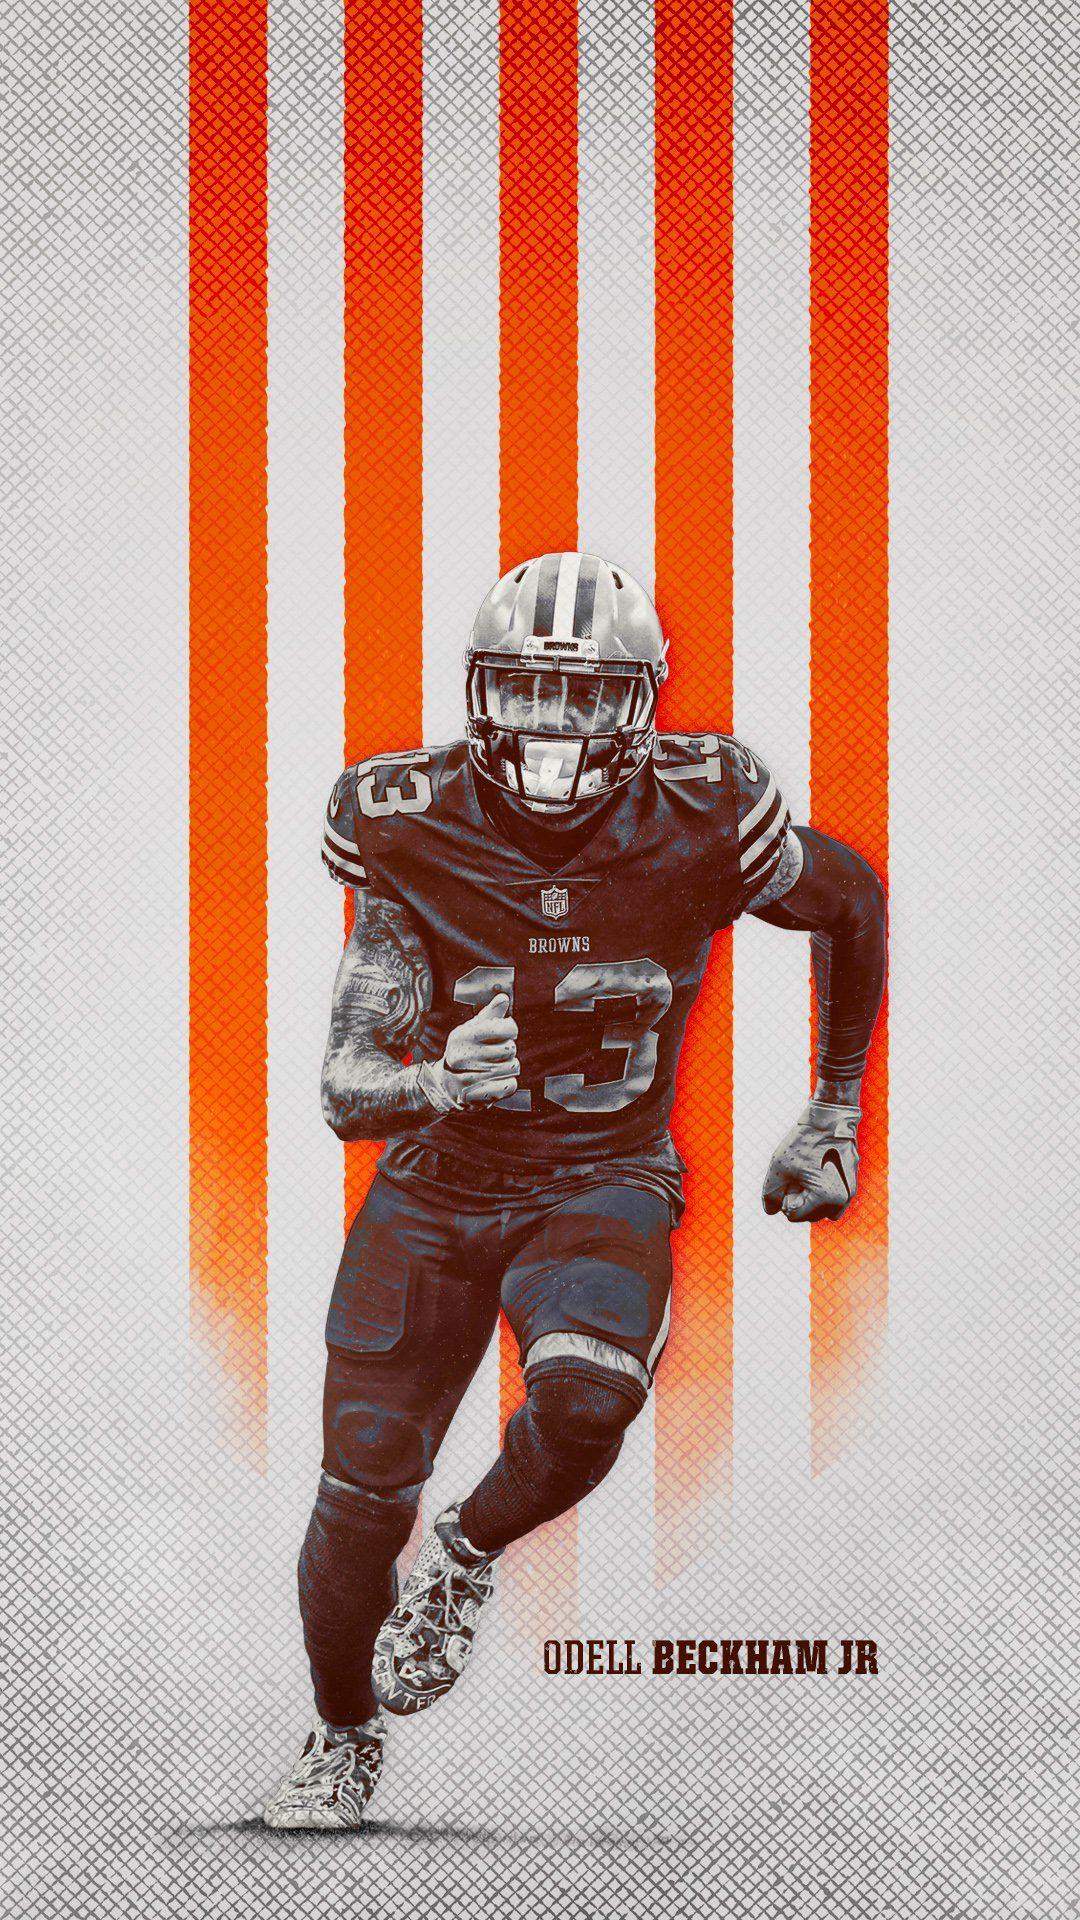 Odell Beckham Jr Cleveland Browns Phone Wallpaper In 2020 Odell Beckham Jr Odell Beckham Jr Wallpapers Beckham Jr